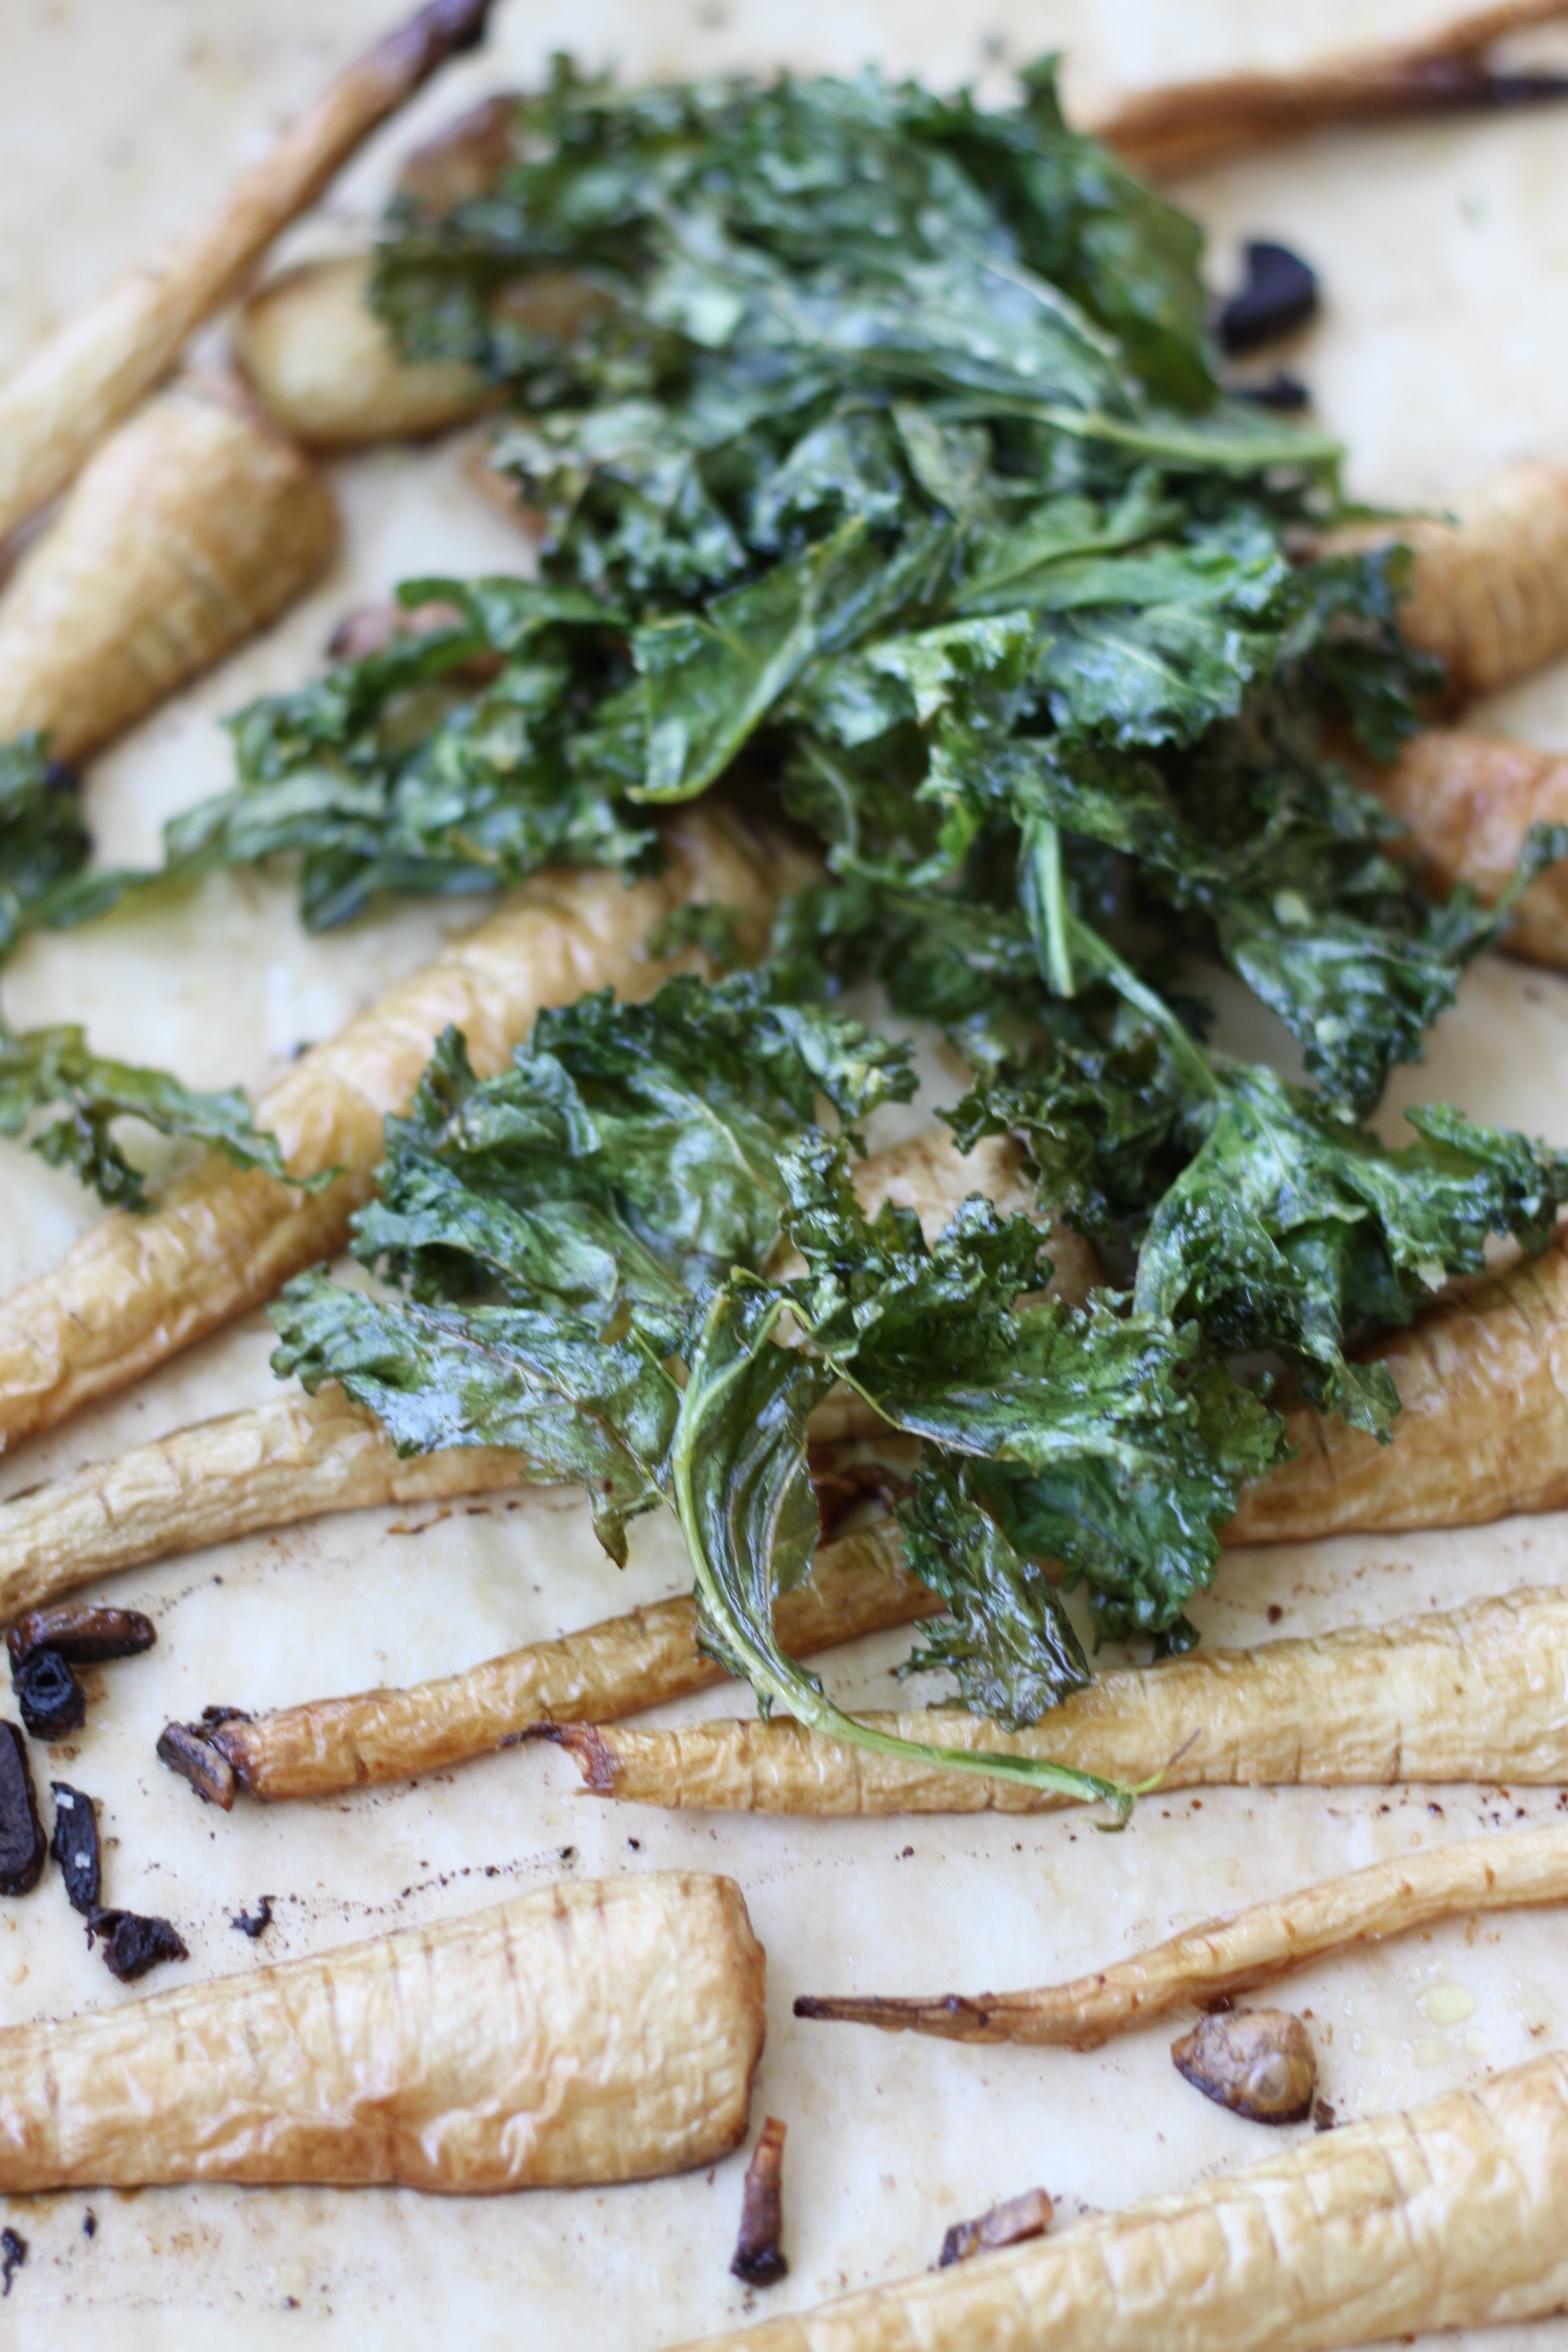 Laga hållbar och vegetarisk mat med företaget